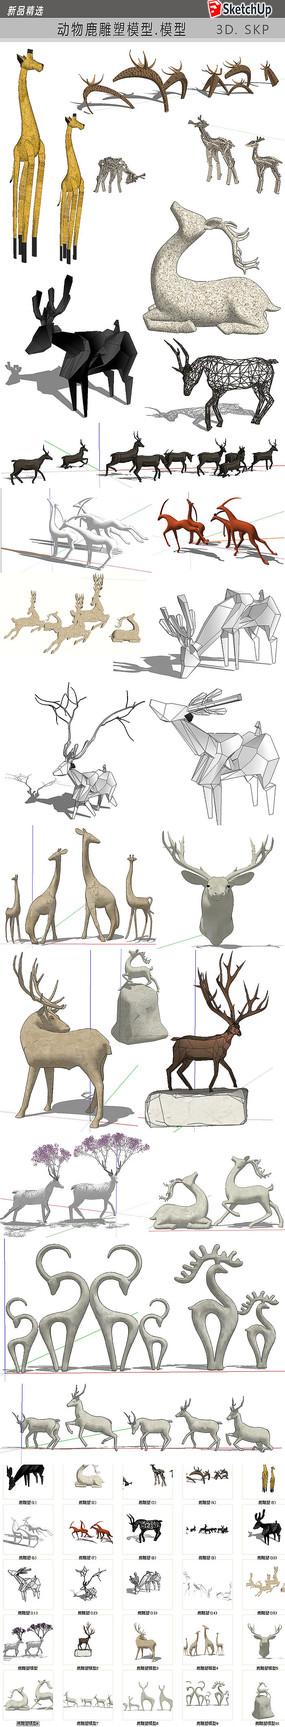 鹿雕塑模型